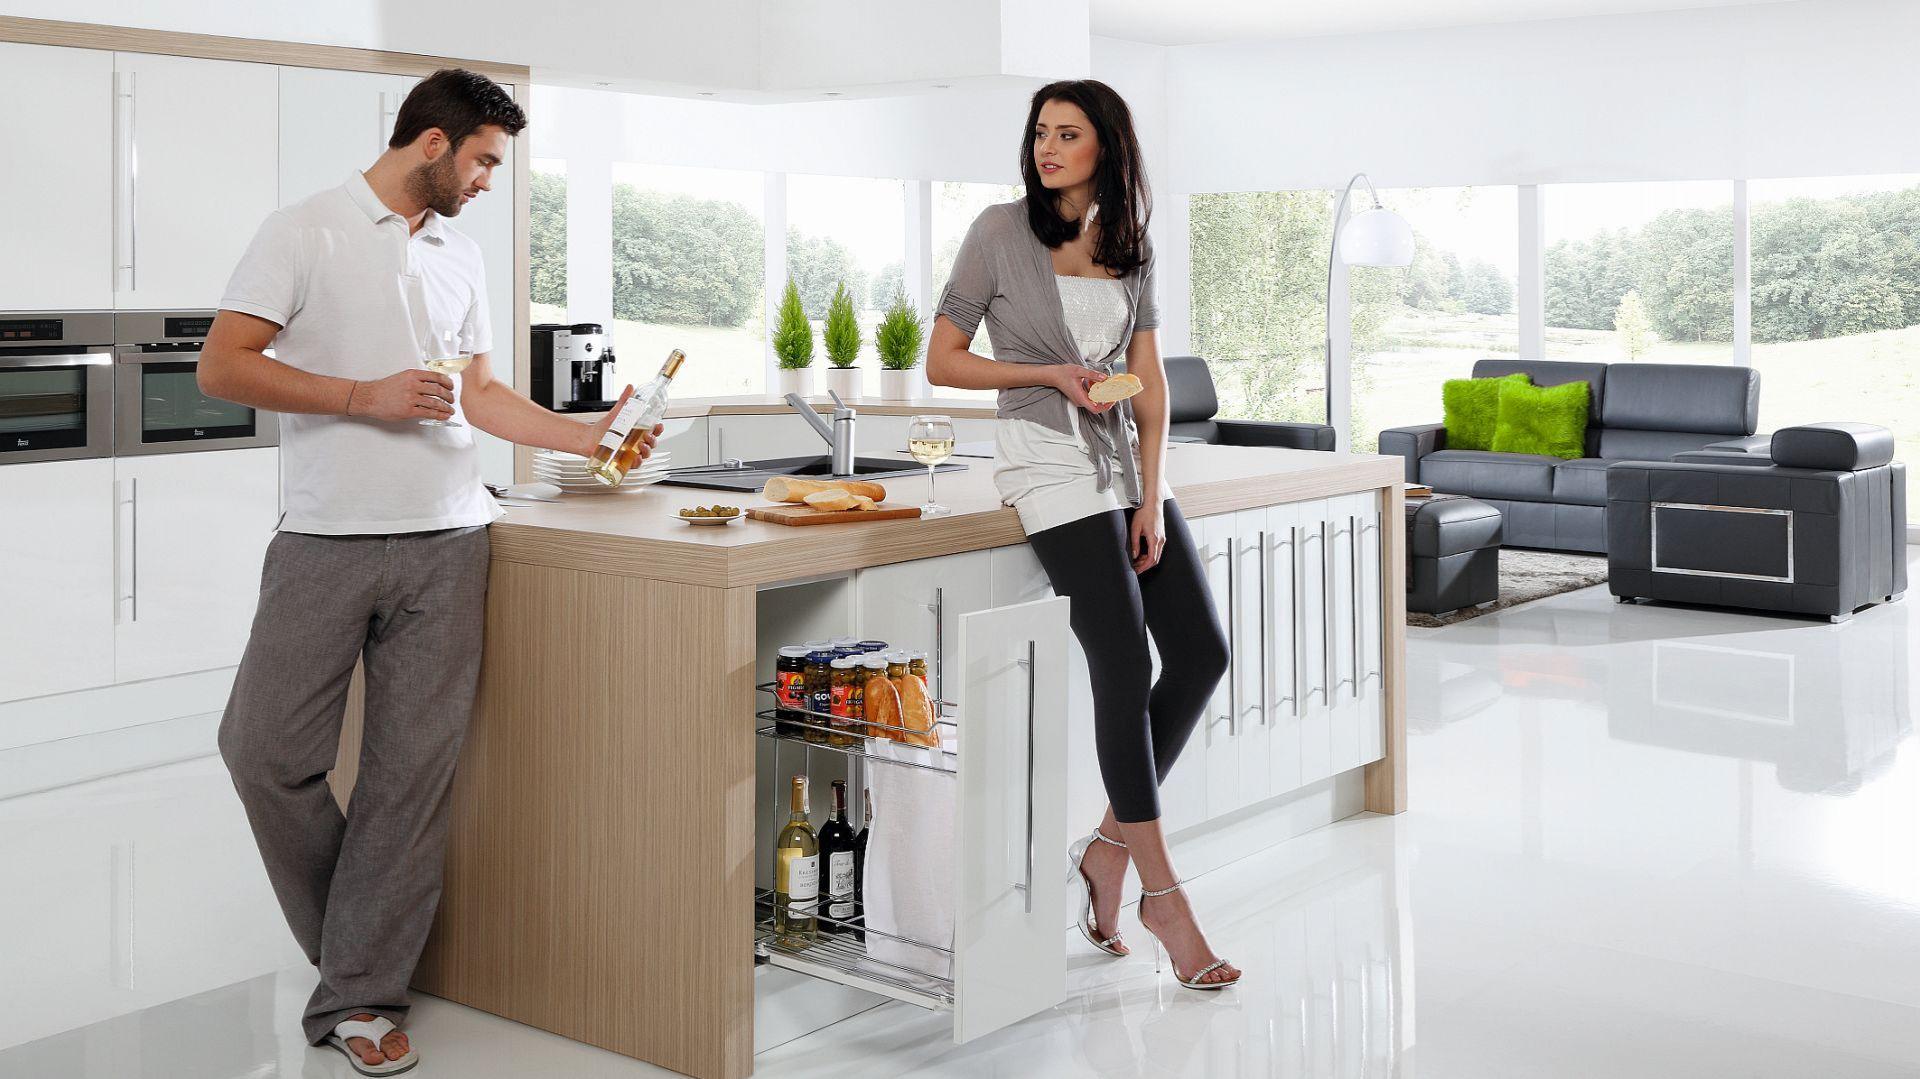 Przechowywanie w kuchni: sprytne pomysł na spiżarnię